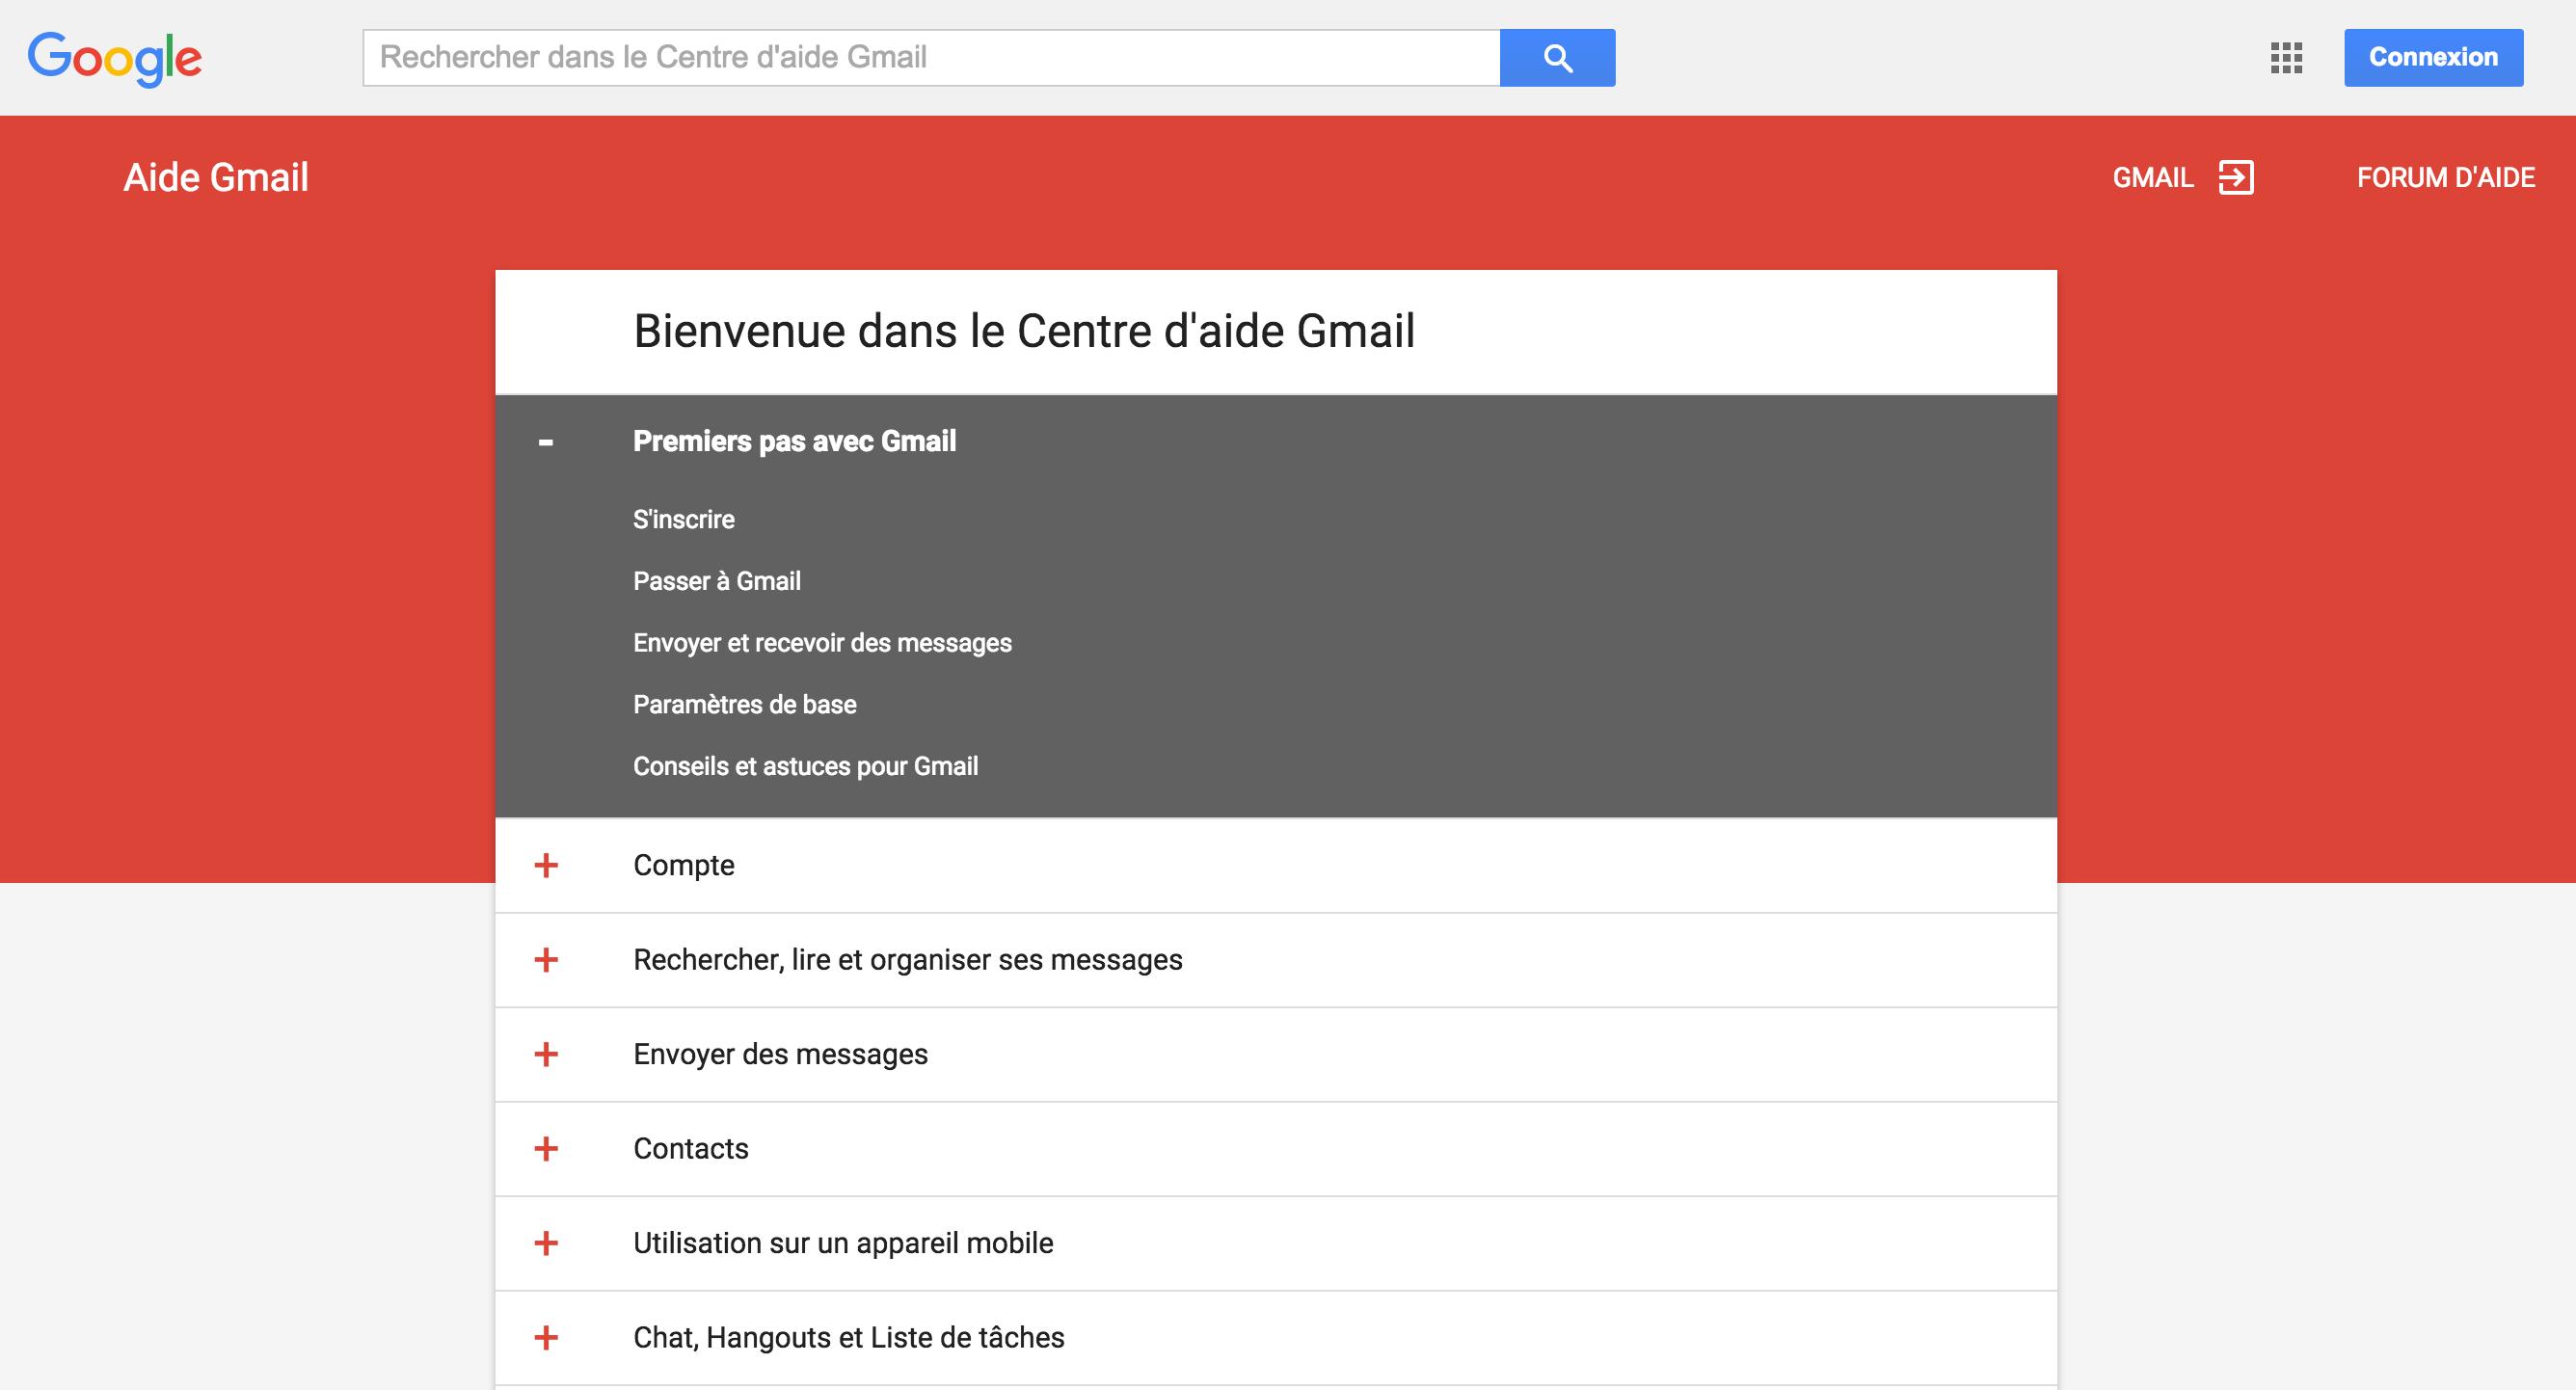 Cliquez sur l'image pour accéder à l'aide en ligne Gmail